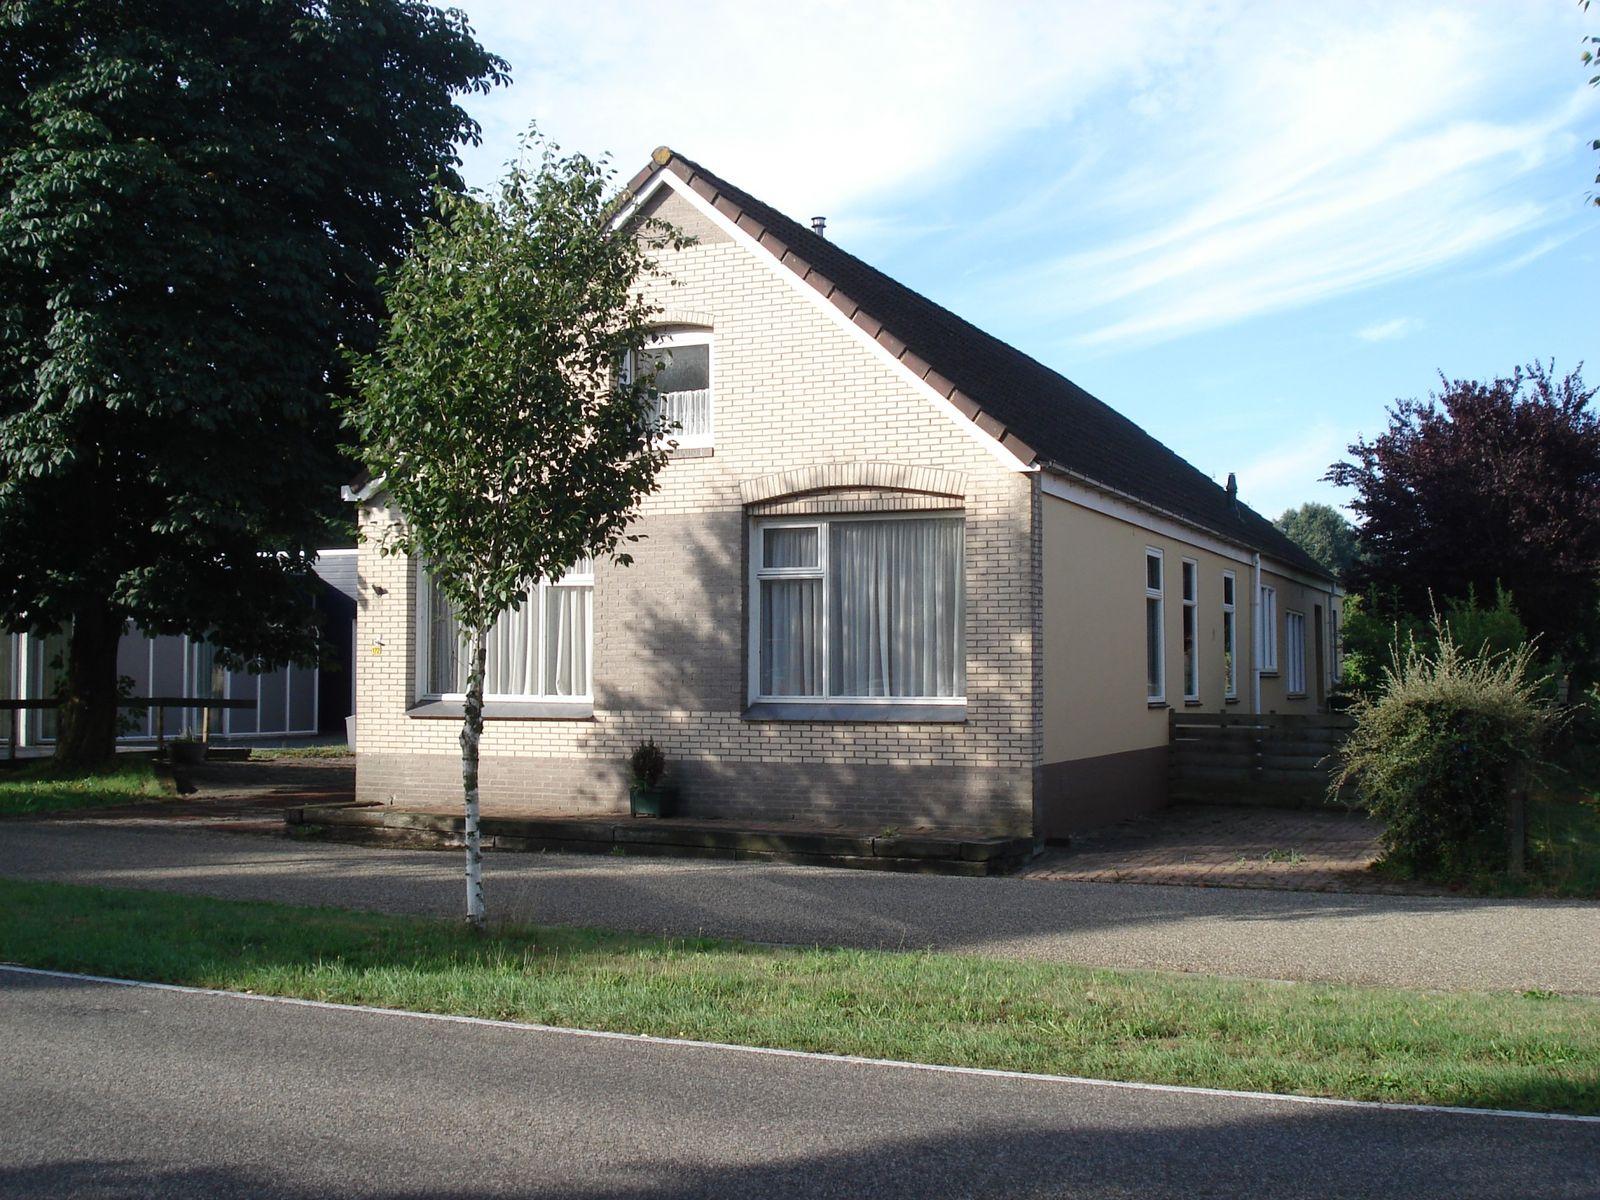 Rhederweg 172, Bellingwolde